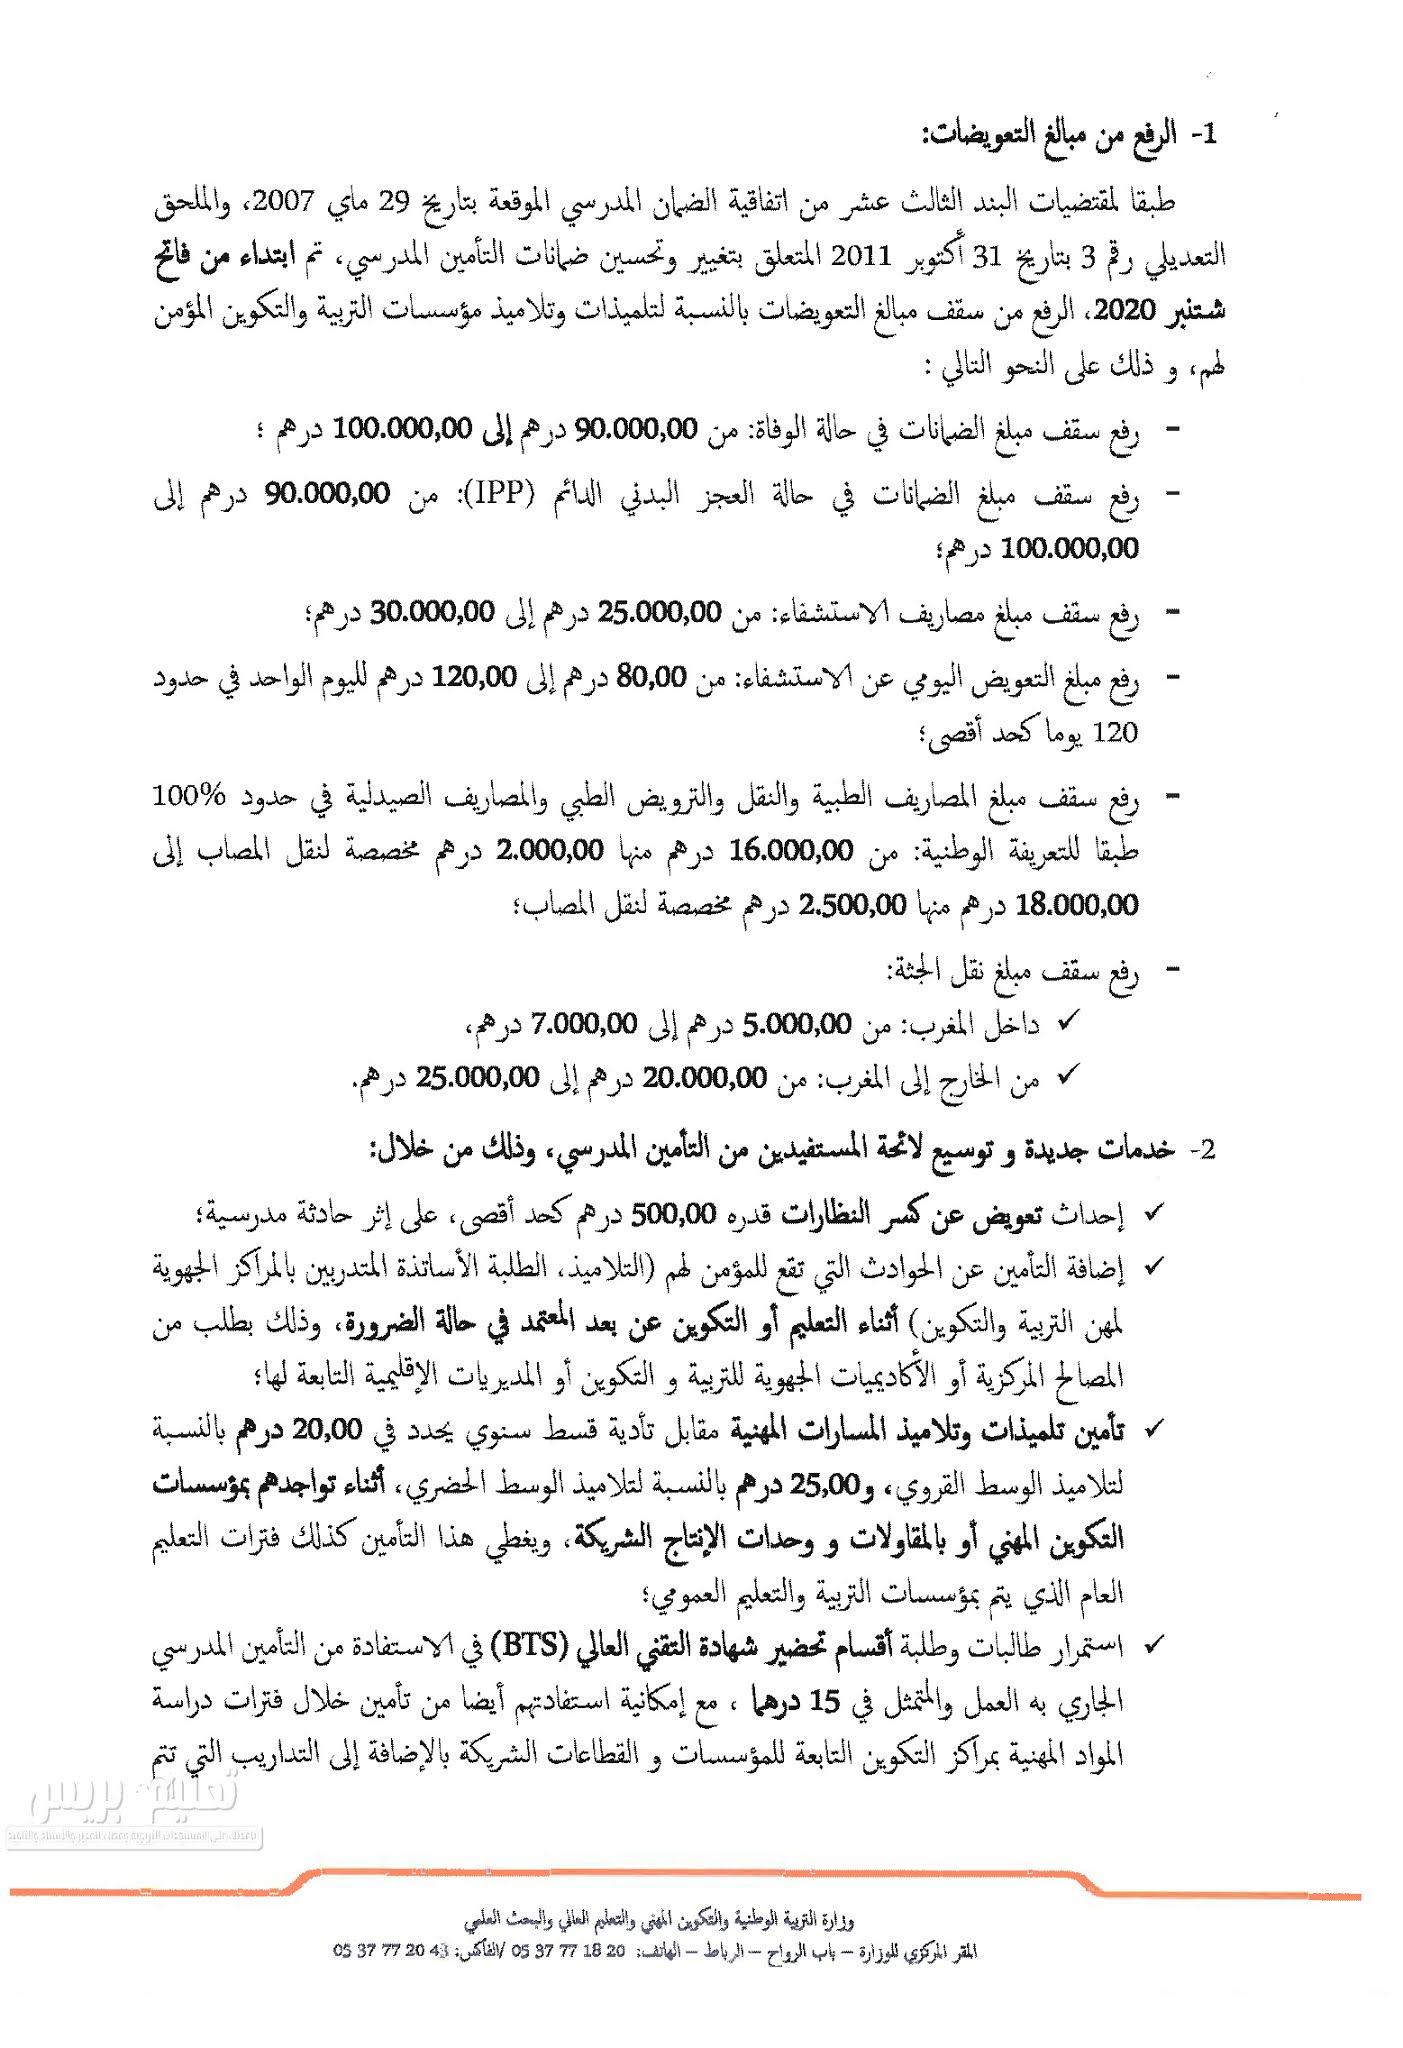 اتفاقية الضمان المدرسي